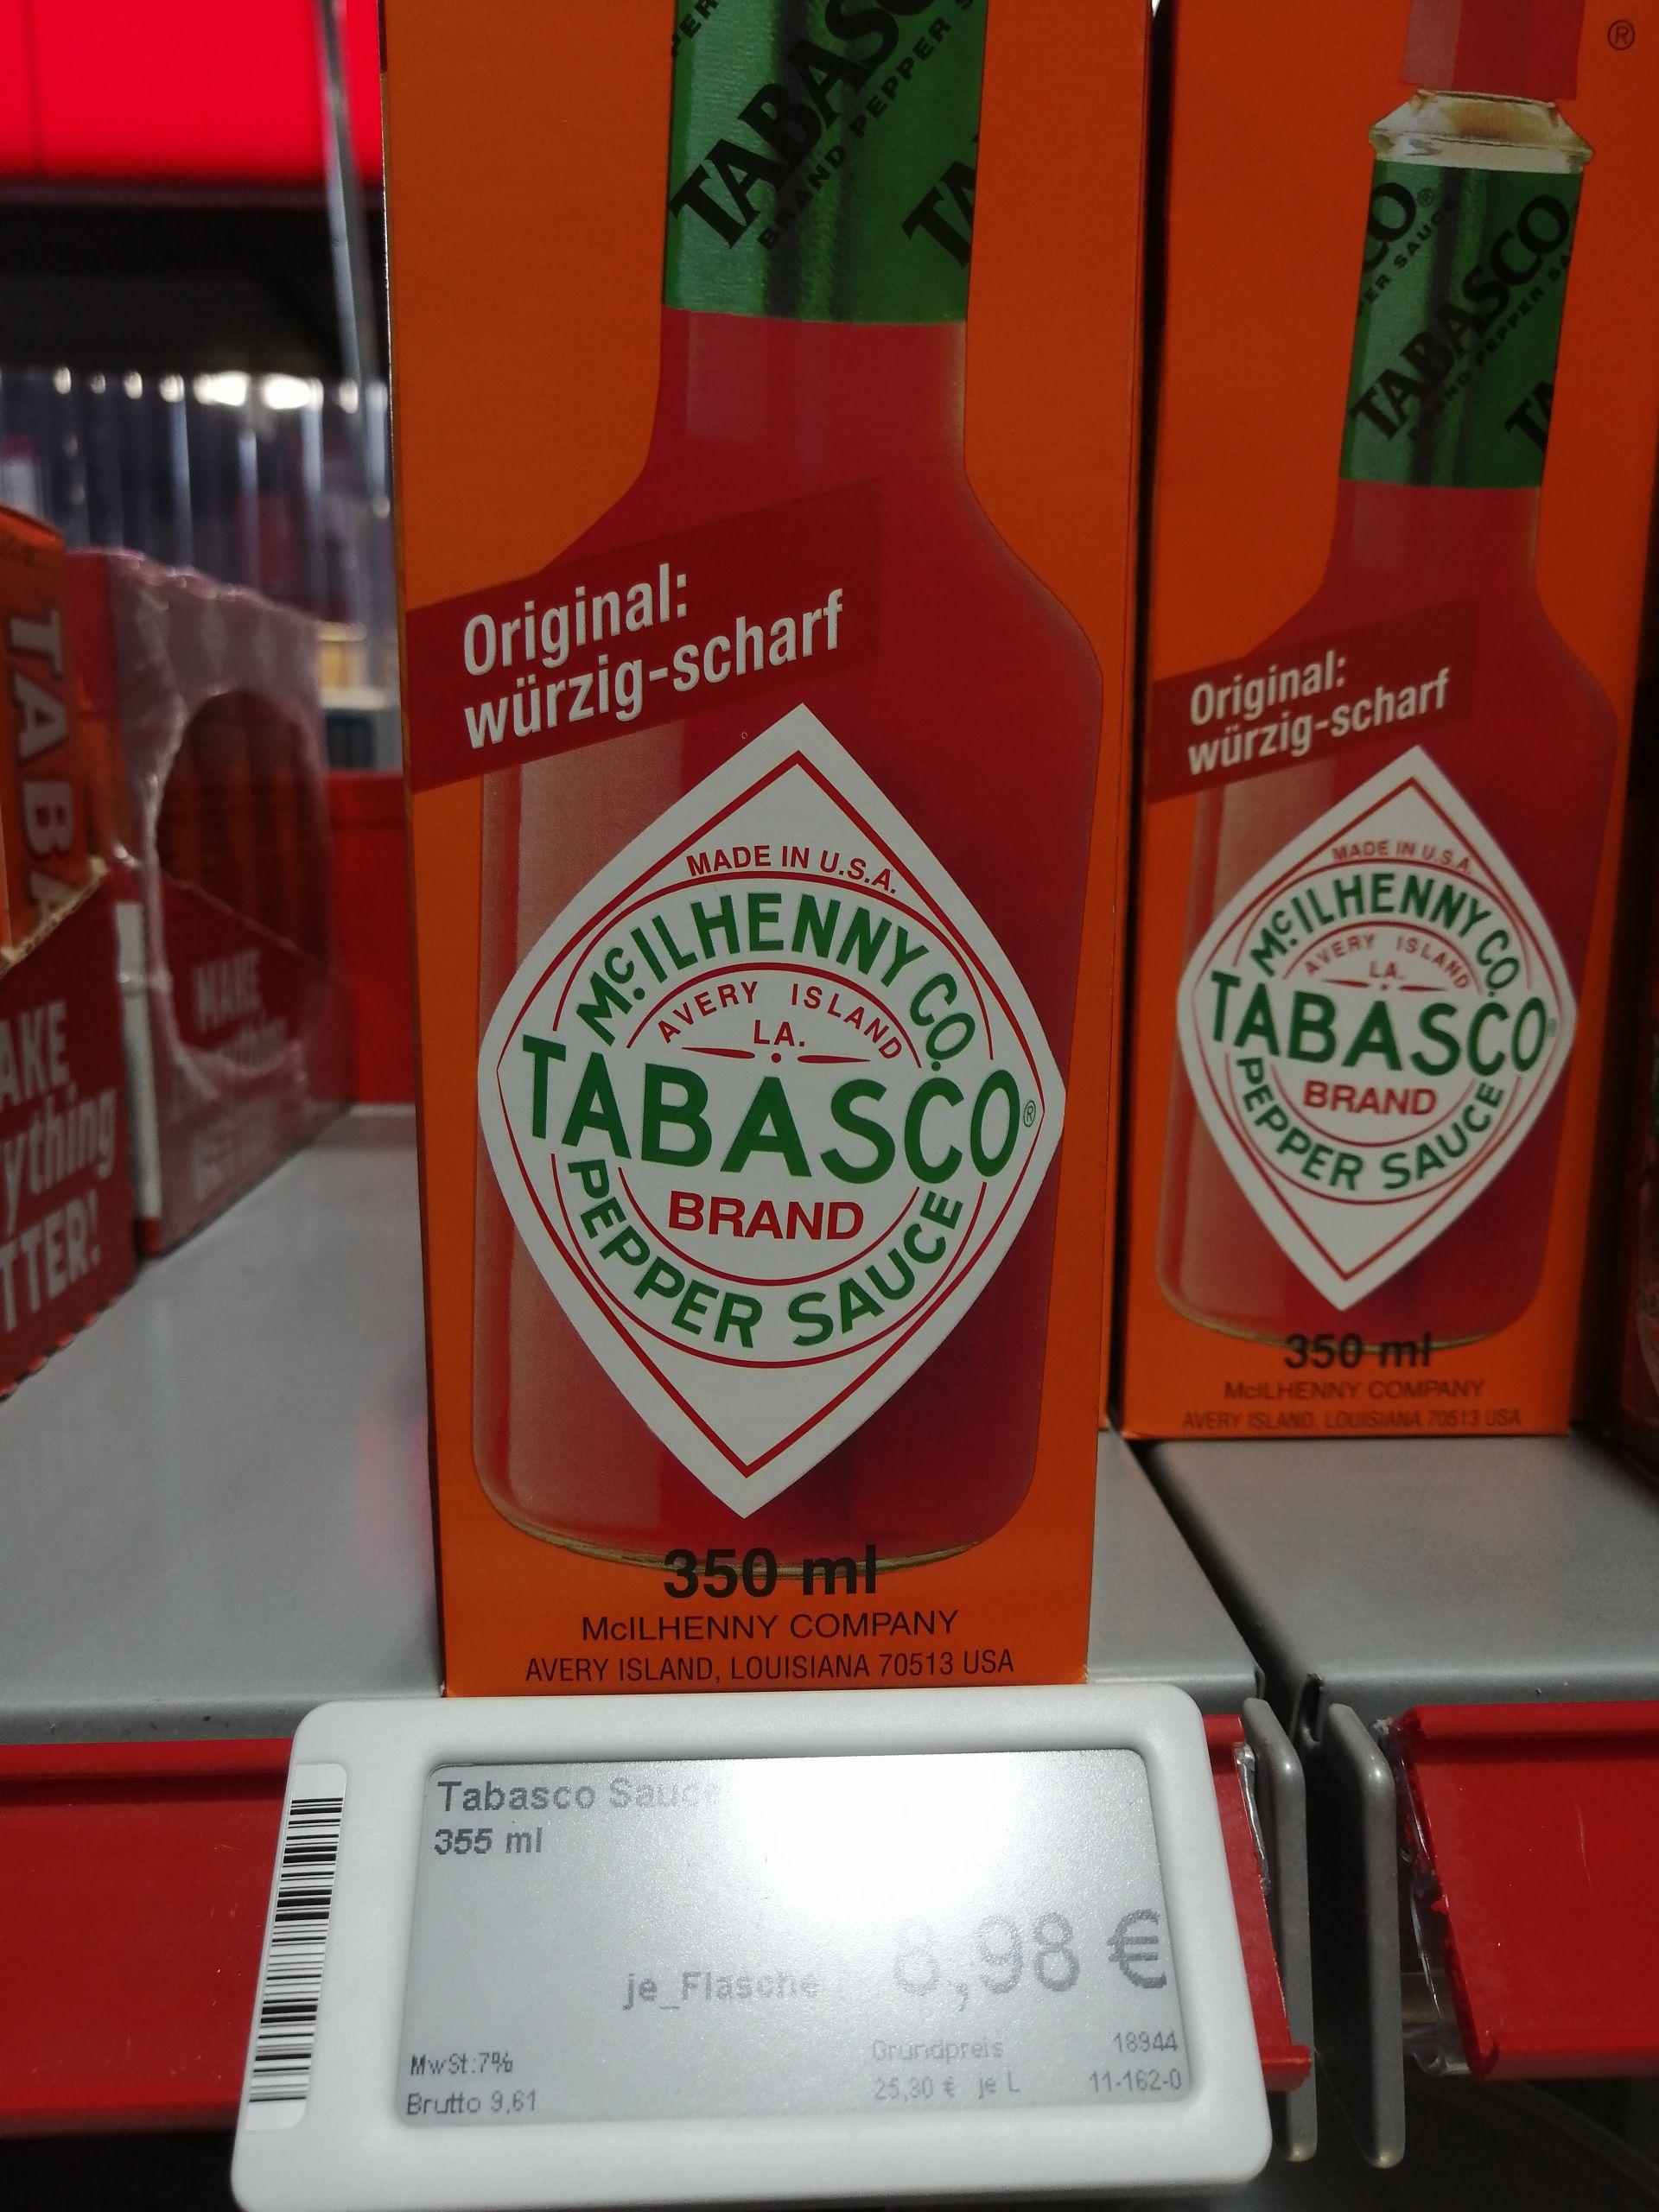 [Lokal Nürnberg] Tabasco Red Pepper Sauce Original 350ml Flasche - GVS Lebensmittelladen